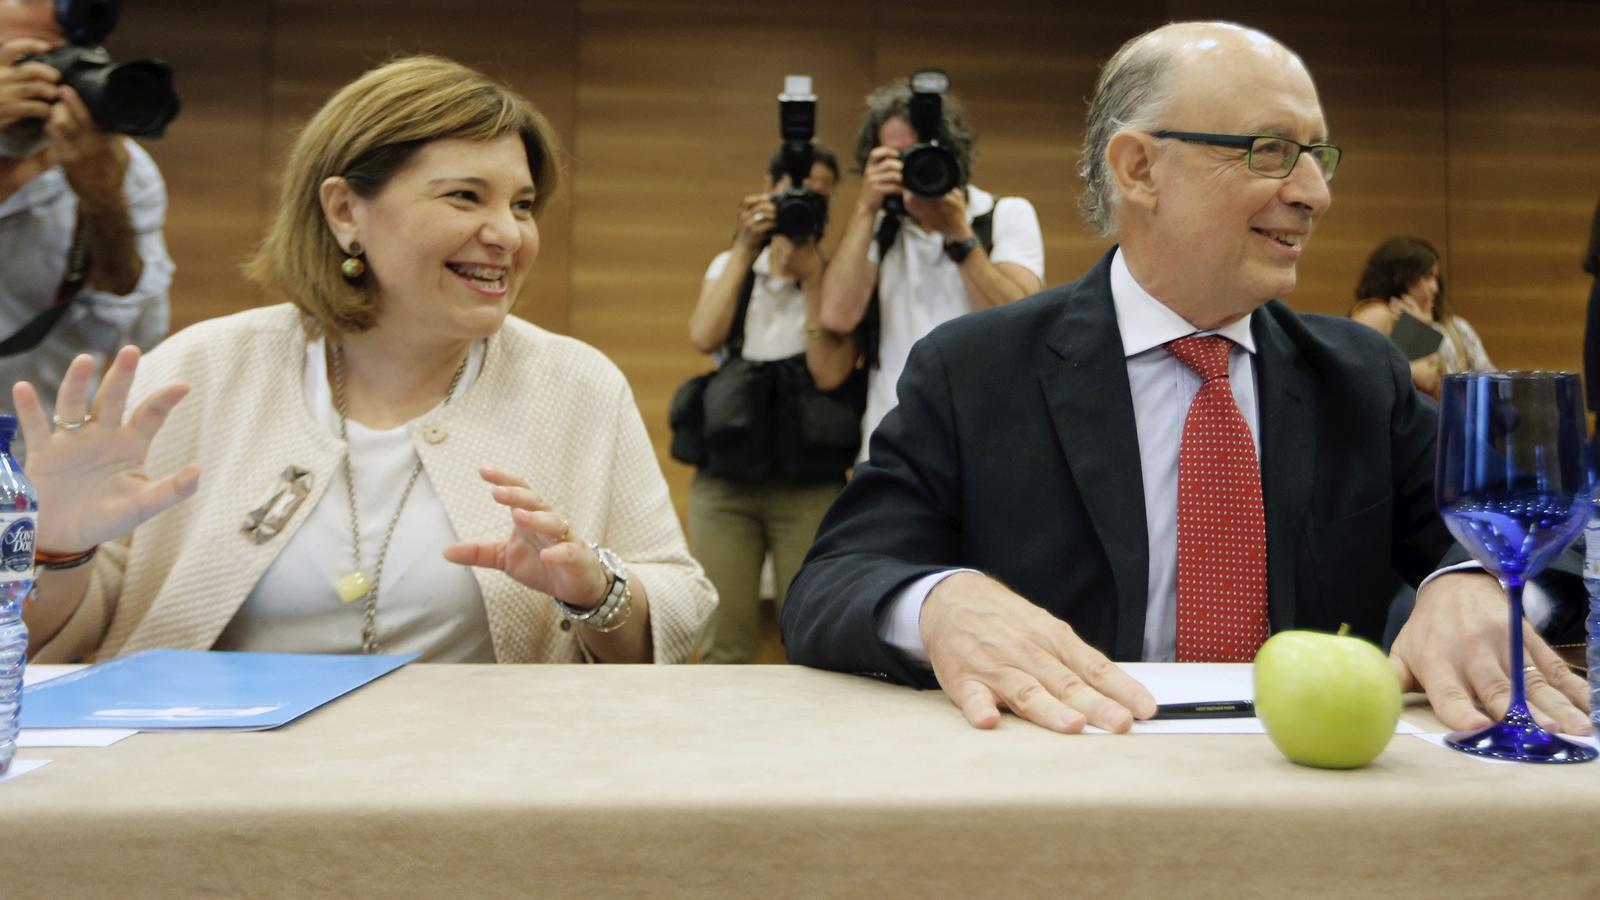 El ministre d'Hisenda, Cristóbal Montoro, junt a la presidenta del PP valencià, Isabel Bonig, moments abans de participar en una reunió amb empresris valencians.